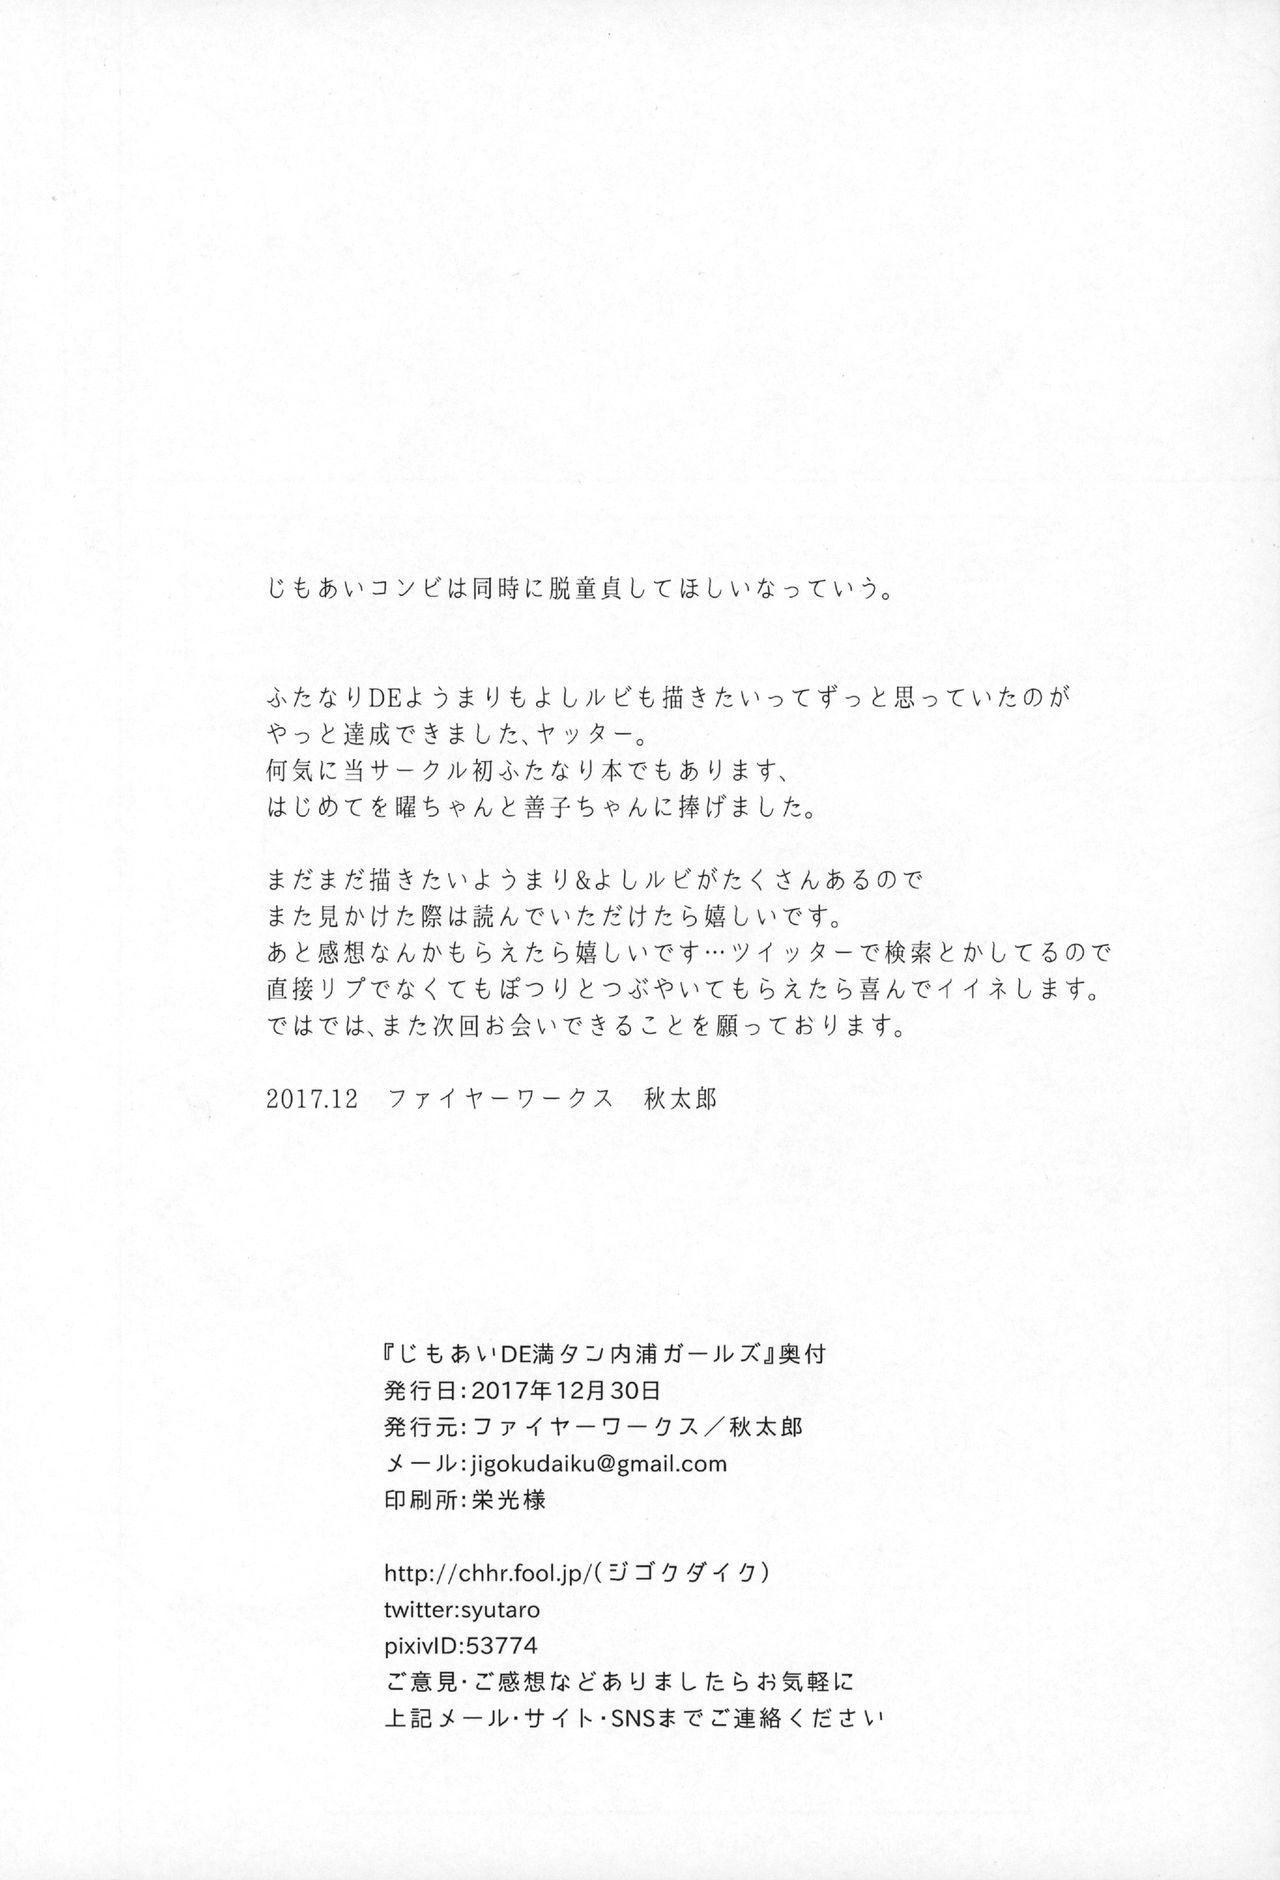 Jimoai DE Mantan Uchiura Girls 29